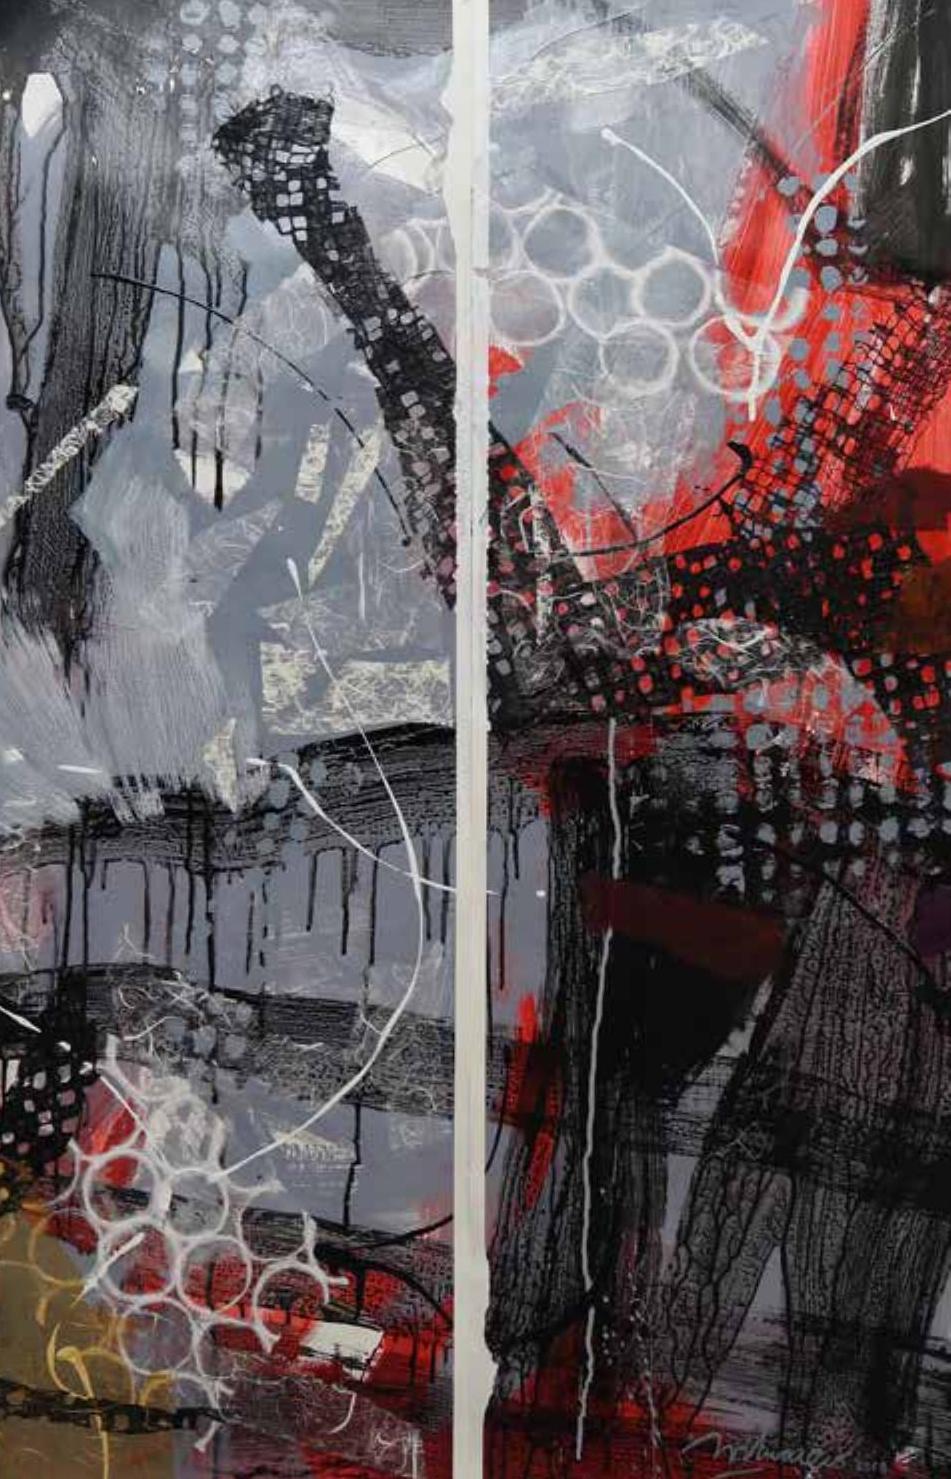 Correspondence with Erik Satie 16 (DIPTYCH)